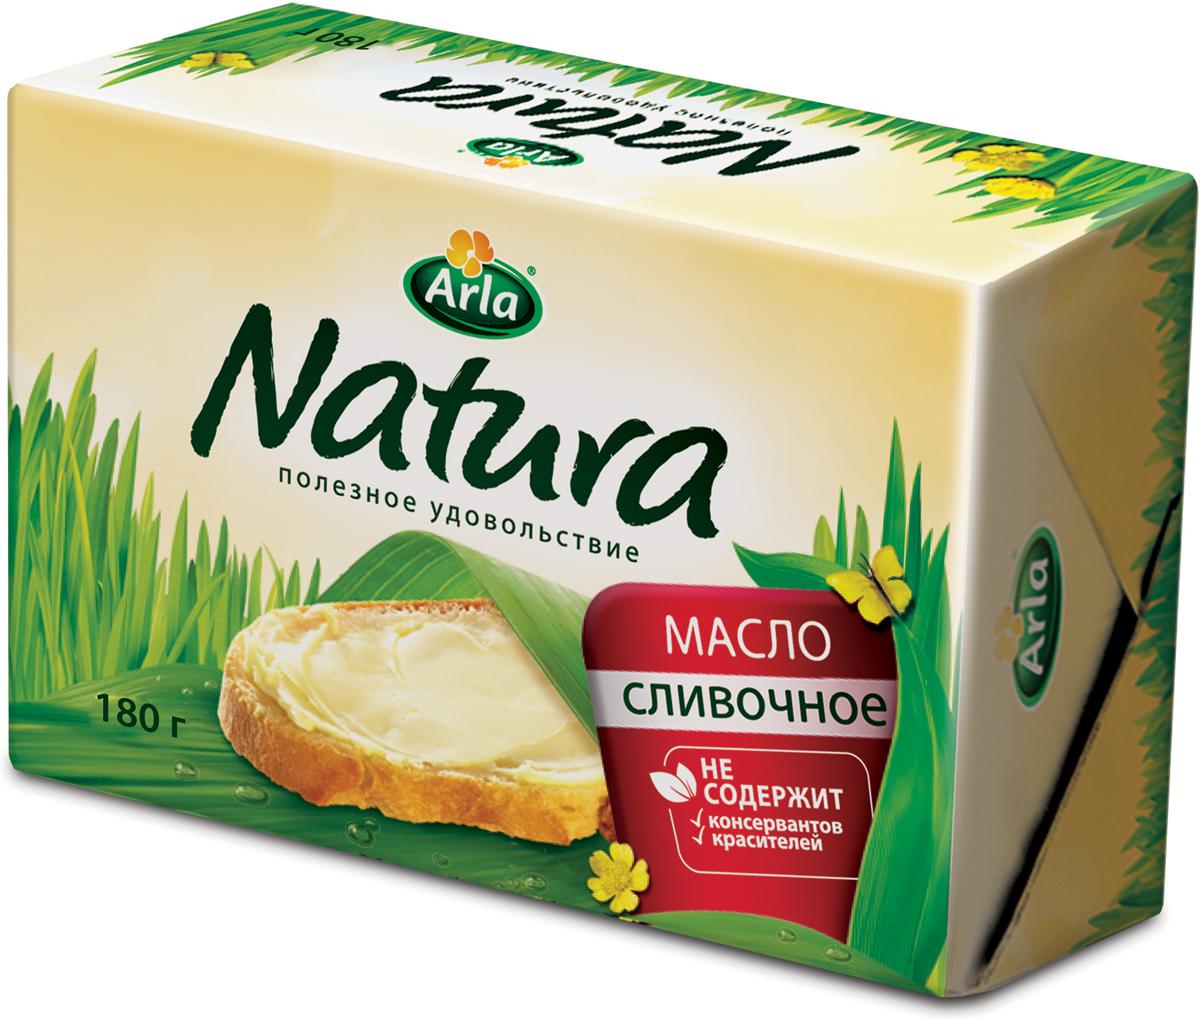 Arla Natura Масло Сливочное, 82%, 180 г arla natura молоко безлактозное ультрапастеризованное 1 5% 1 л